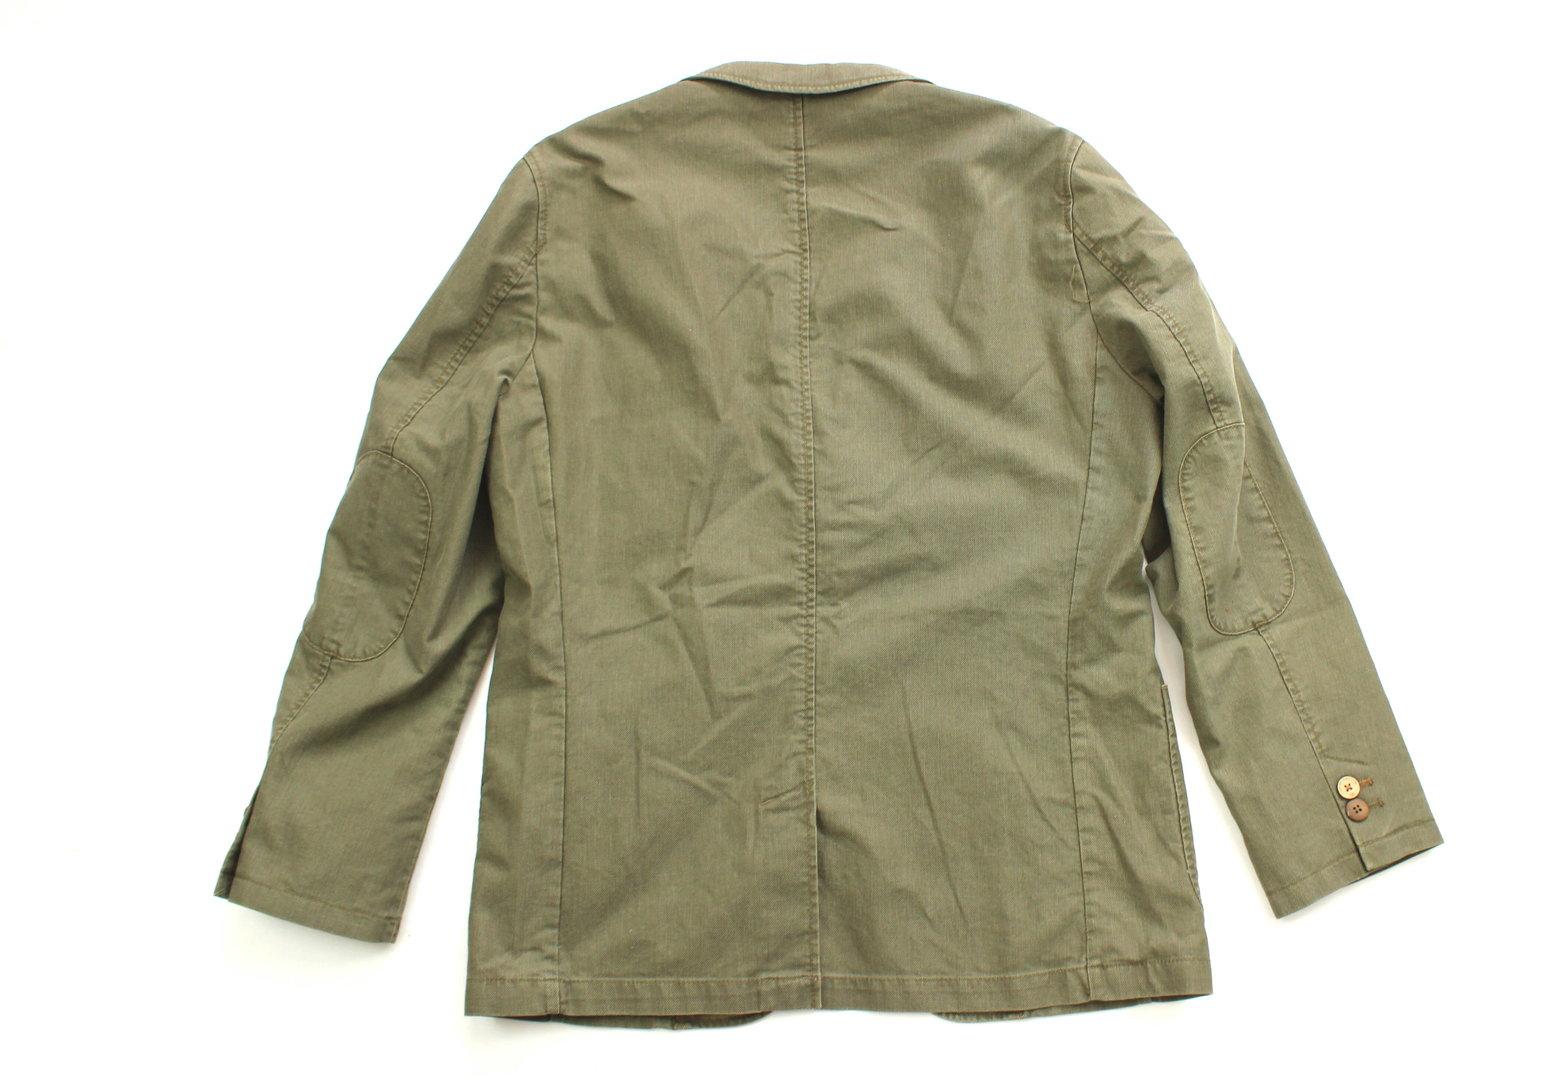 newest collection 8cec4 b3886 CAMEL ACTIVE Sakko Jacke Herren oliv Comfort Fit Gr.50